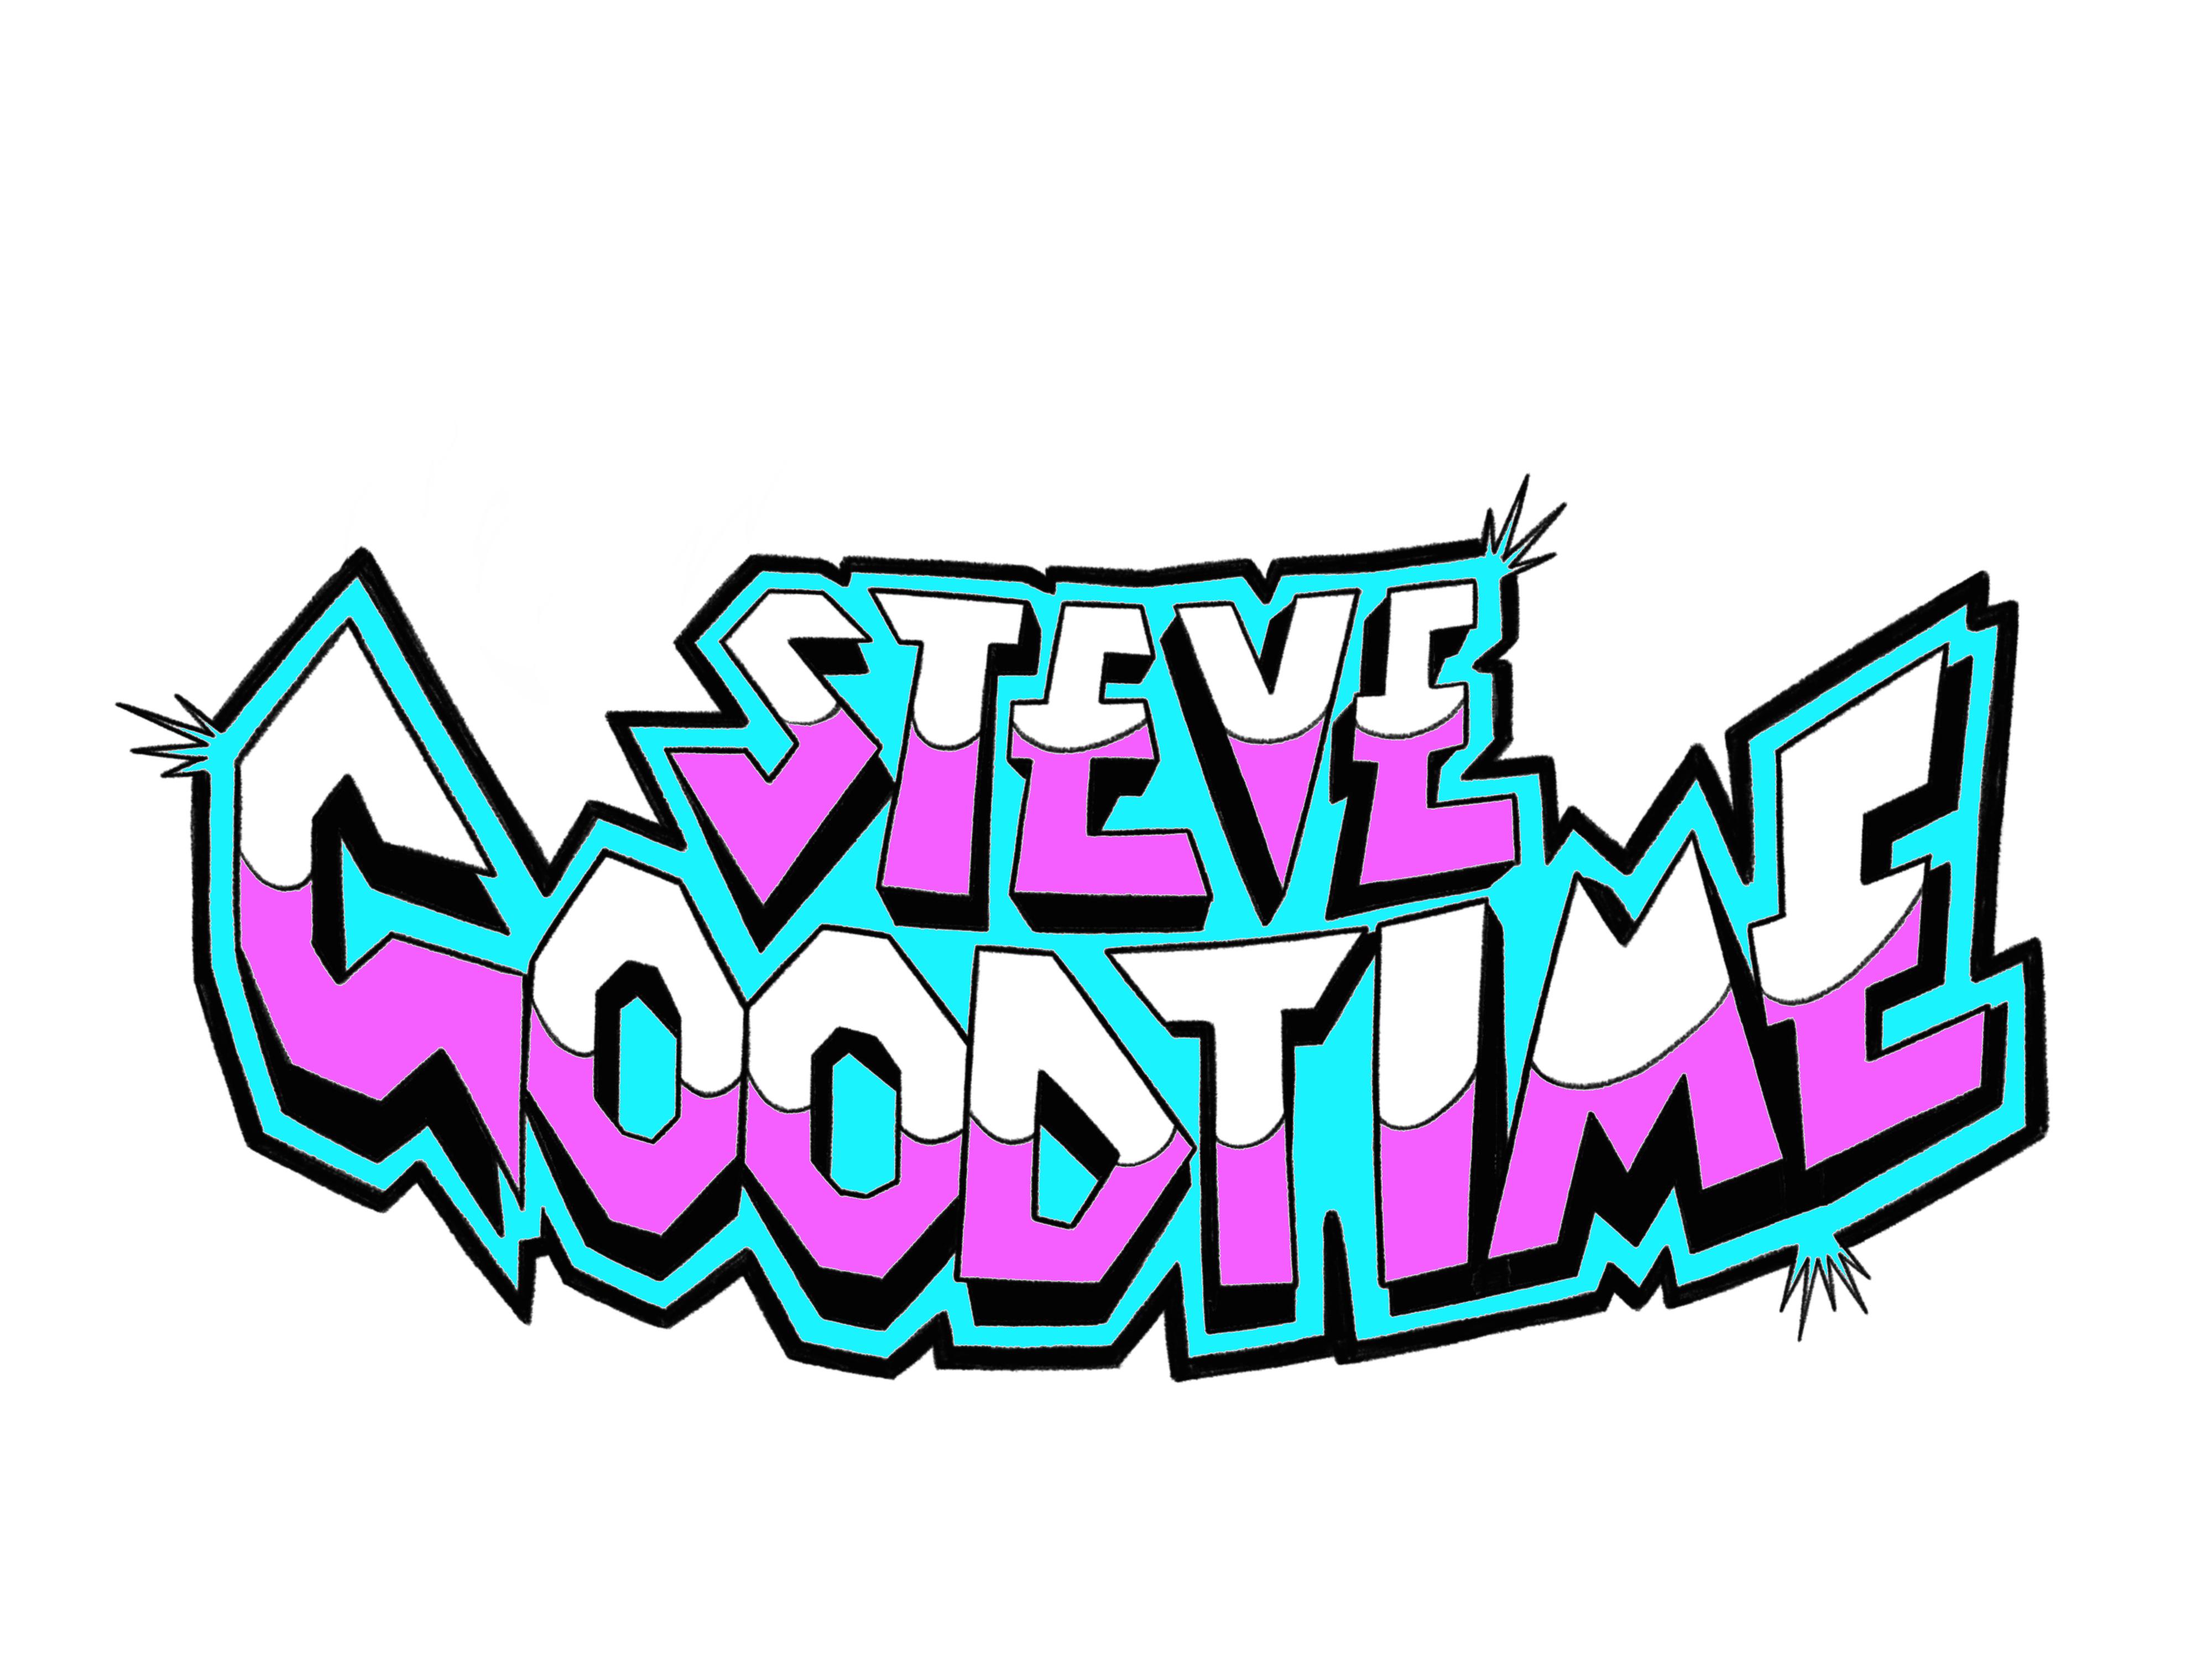 Steve Goodtime